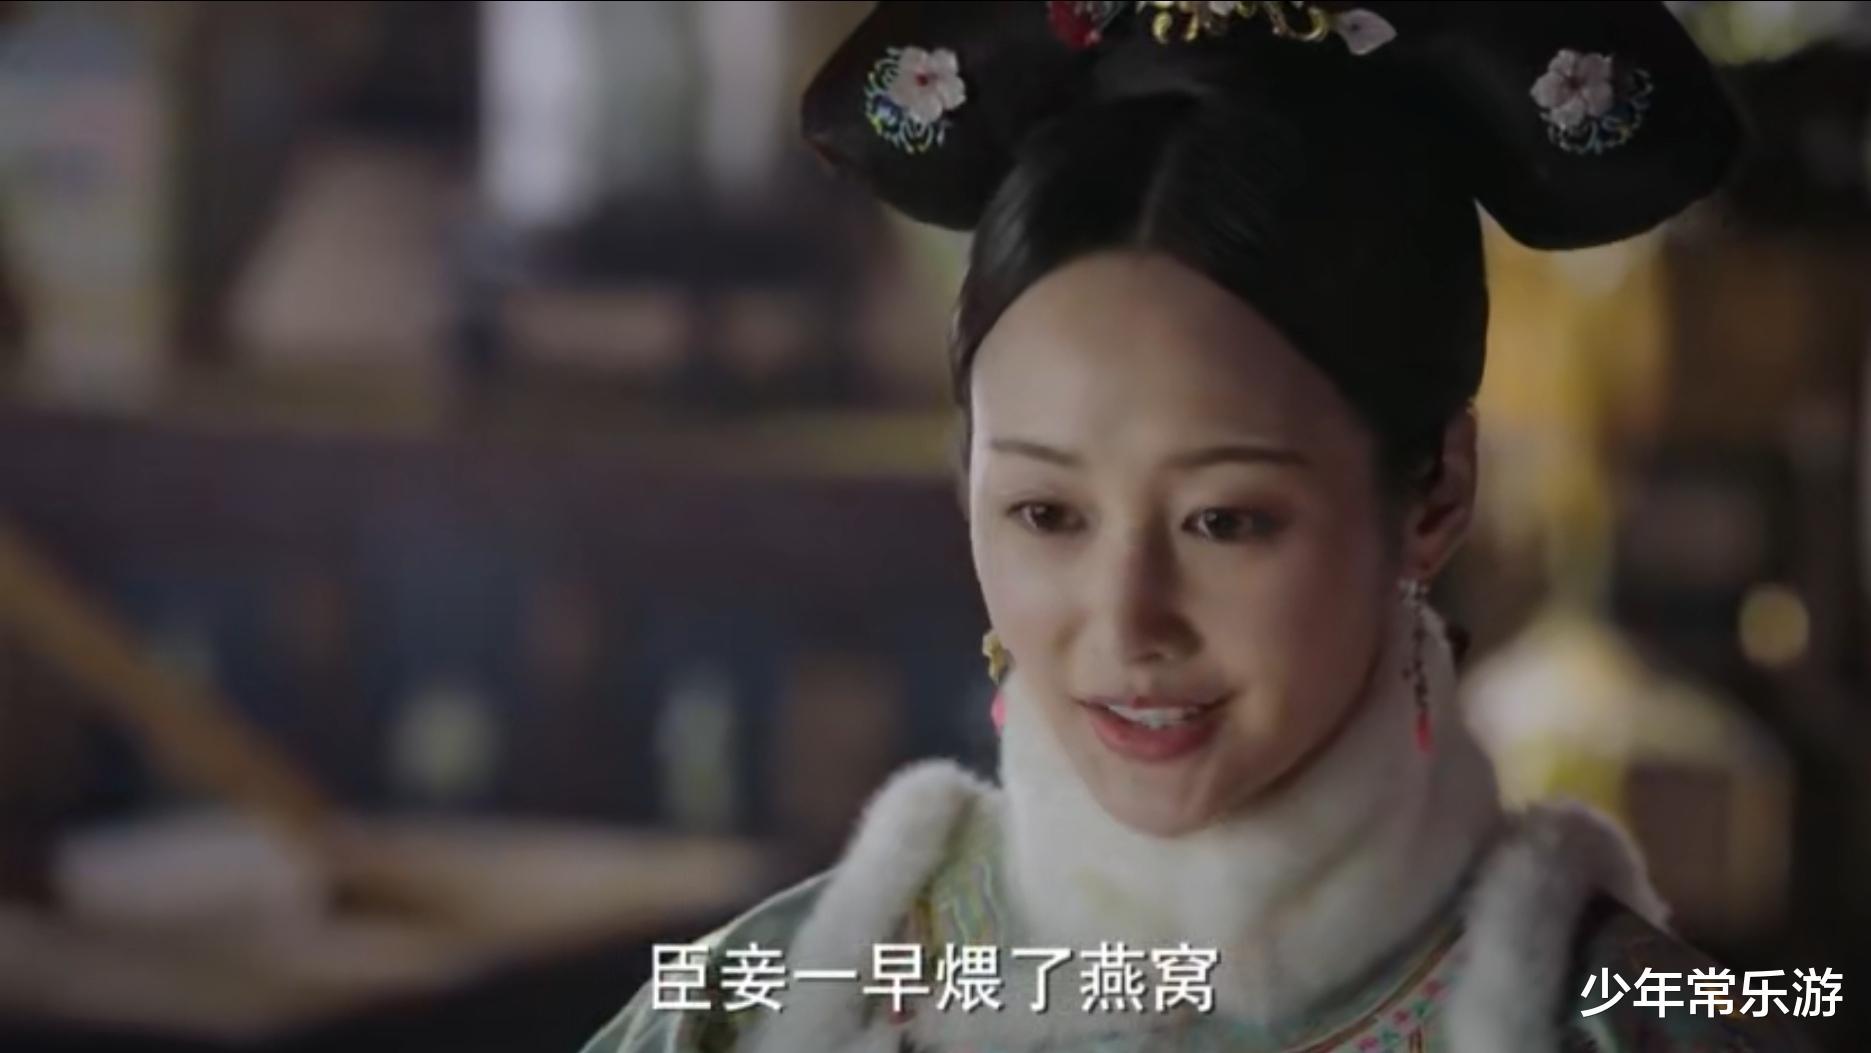 如懿传:为何赵九霄说澜翠拿来的寺人衣服上有一股味儿?